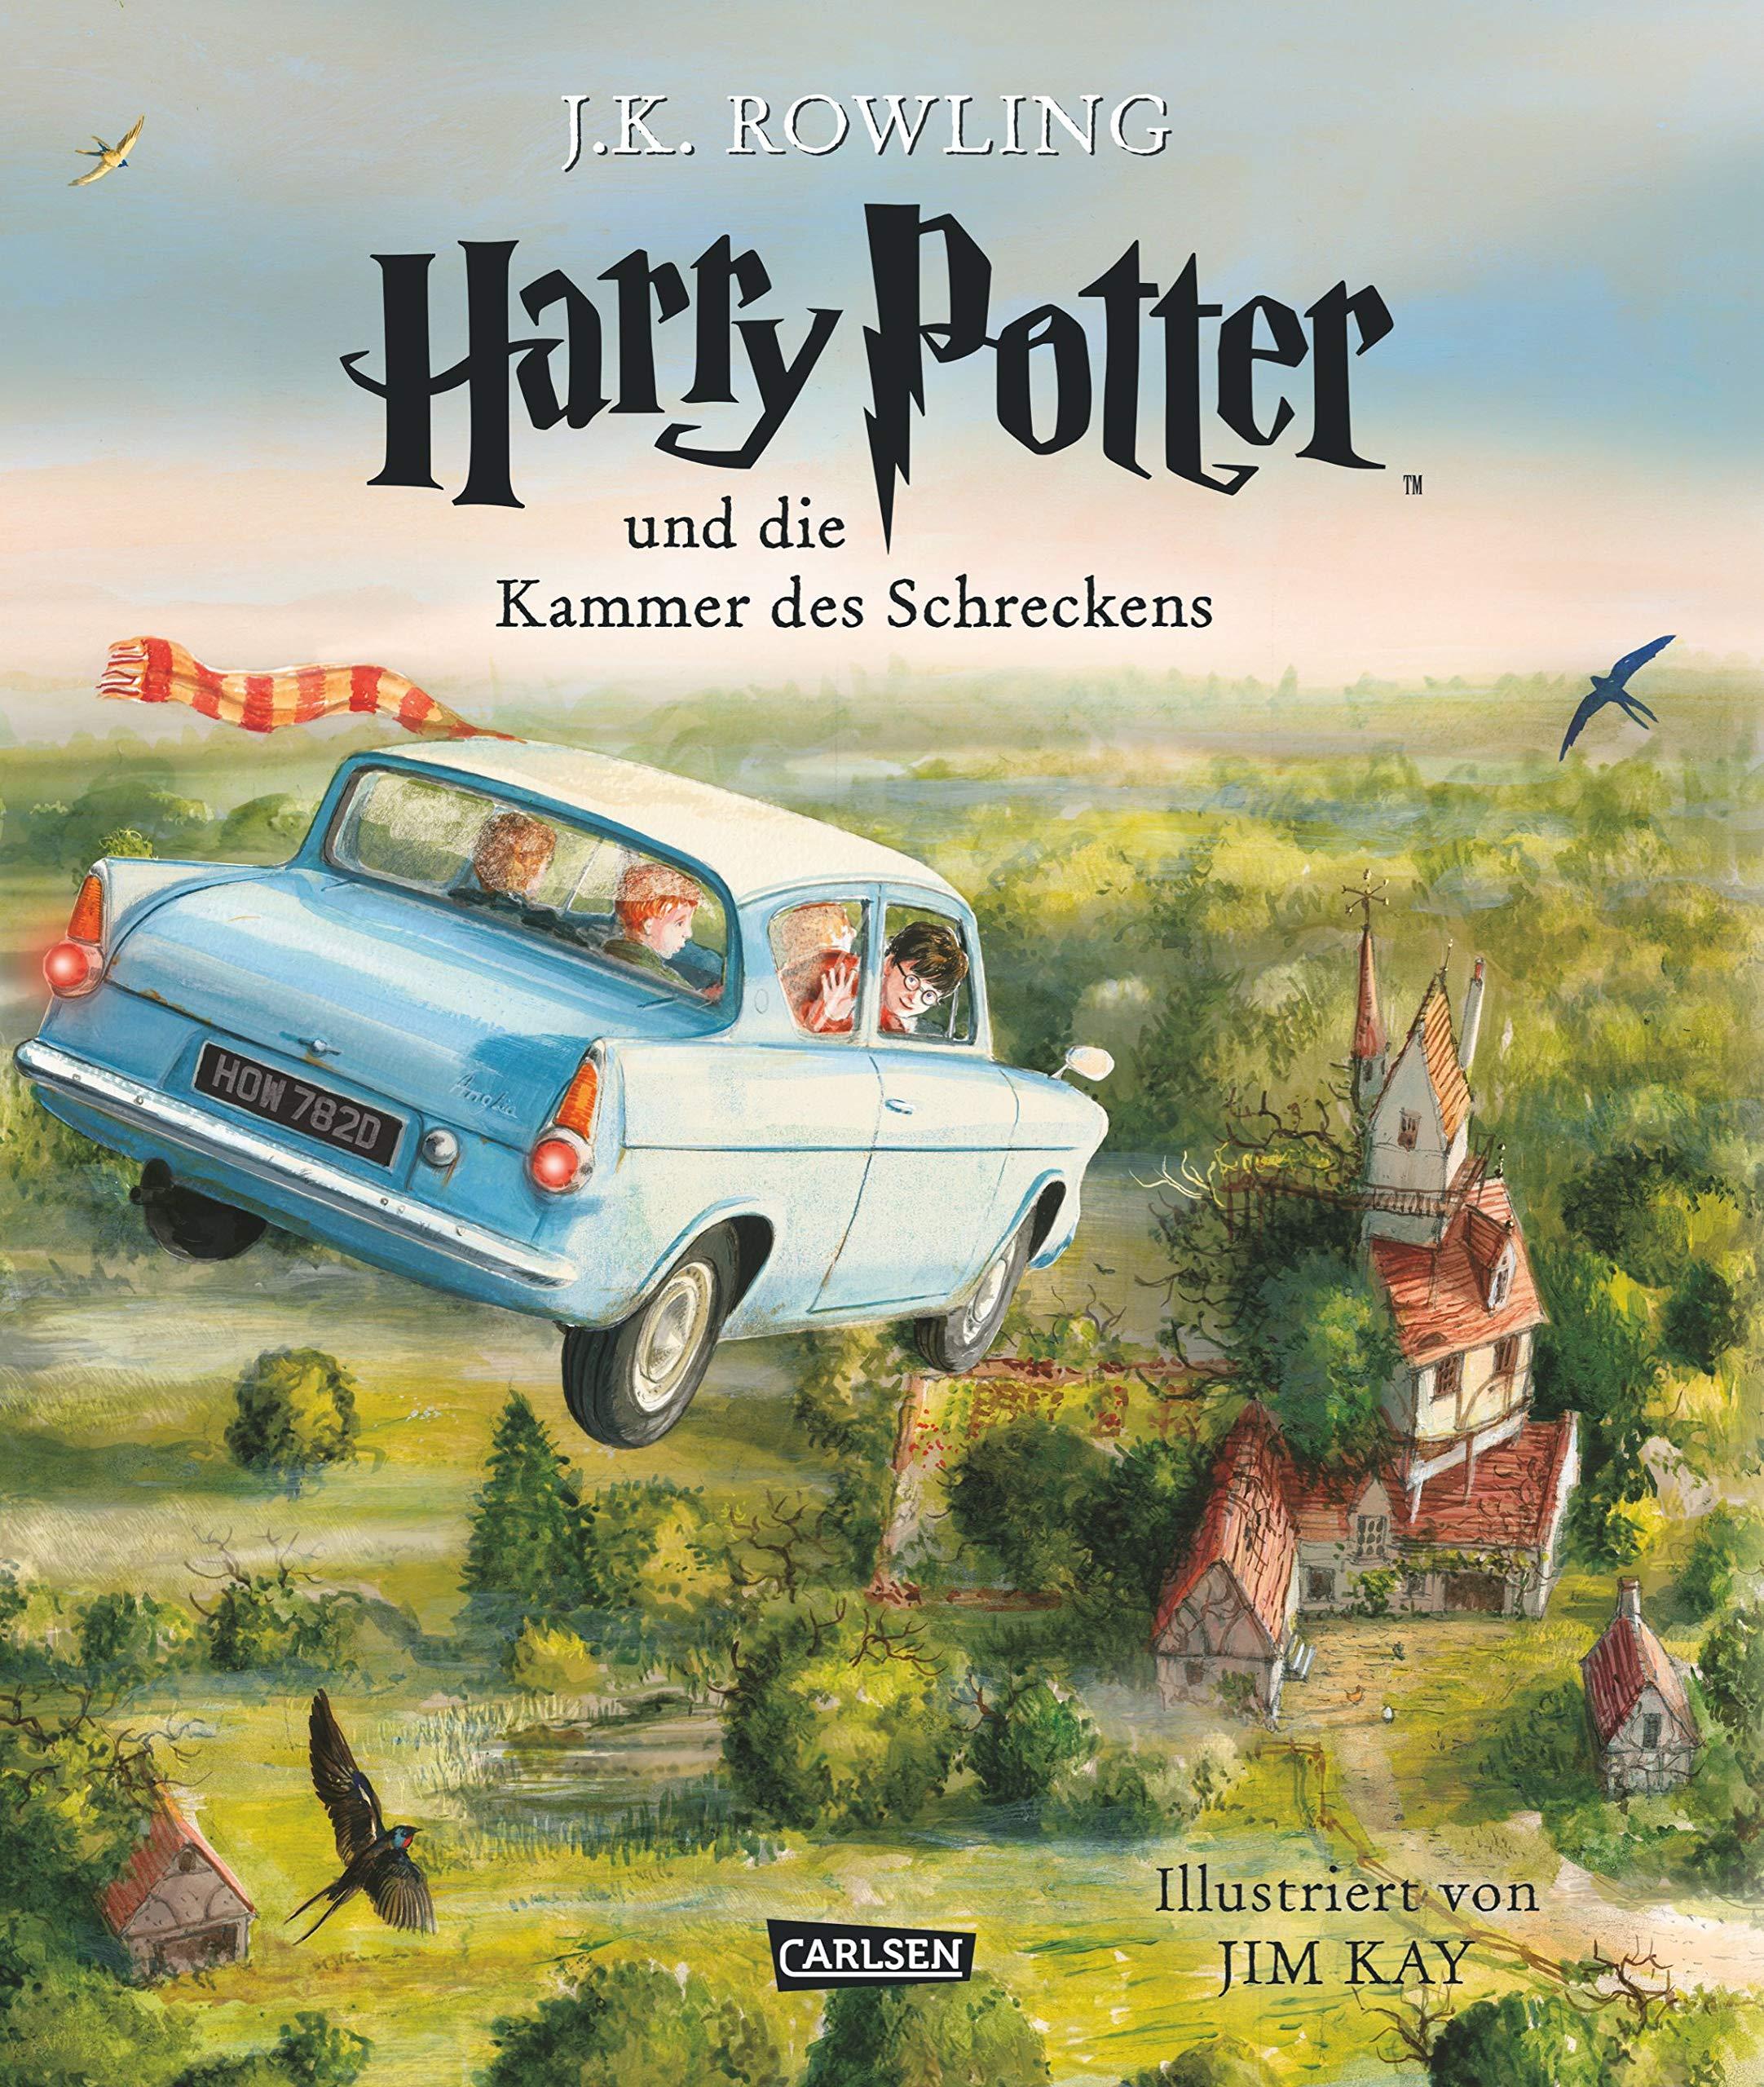 Harry Potter Und Die Kammer Des Schreckens  Farbig Illustrierte Schmuckausgabe   Harry Potter 2